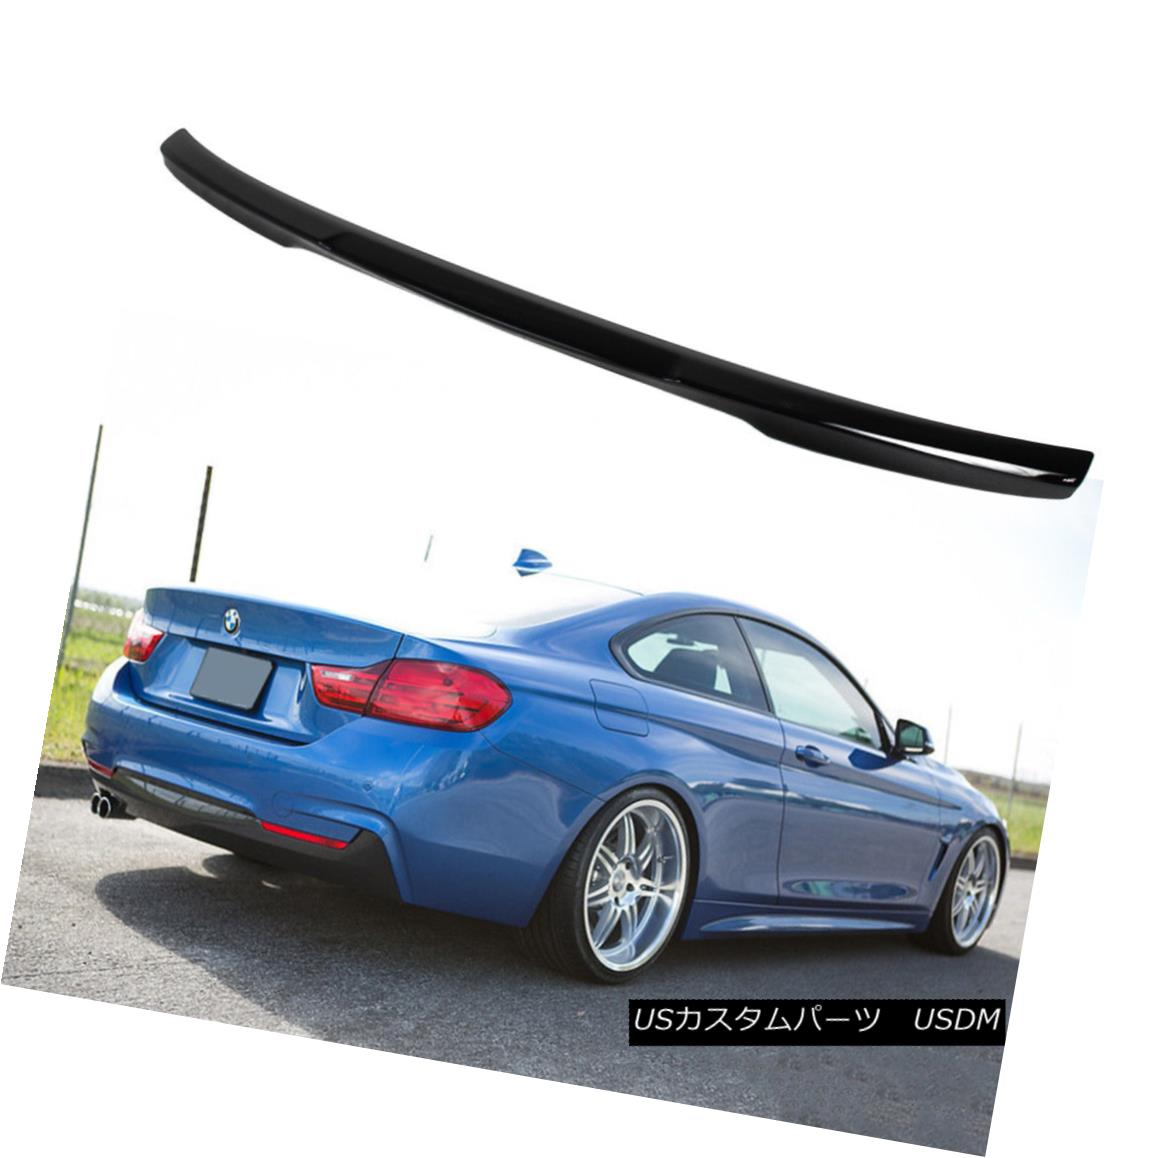 エアロパーツ Paint #668 435i 420i 430d BMW 4-Ser F32 Coupe M4 Style Trunk Spoiler Jet Black ペイント#668 435i 420i 430d BMW 4-Ser F32クーペM4スタイルトランクスポイラージェットブラック